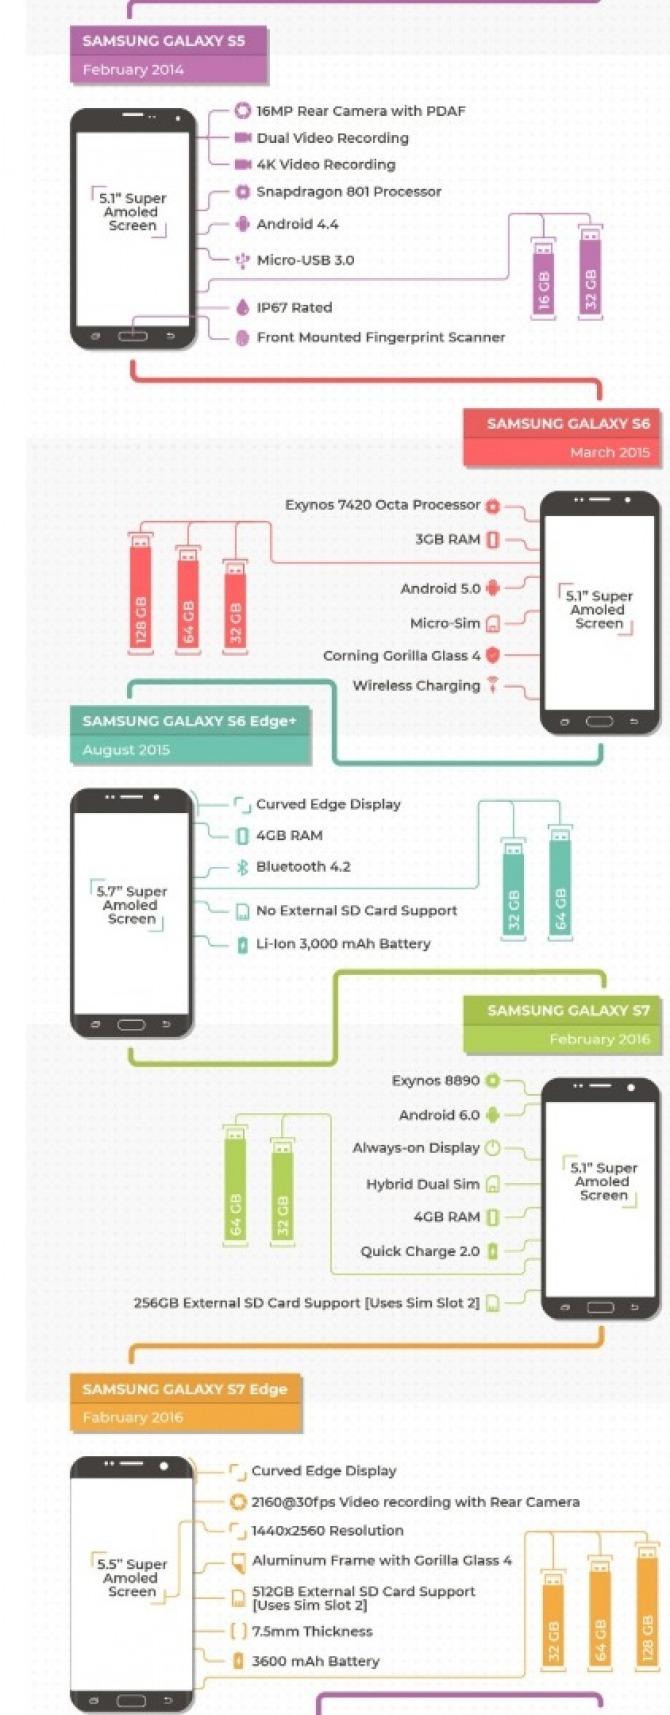 Jak zmieniał się smartfon Samsung Galaxy S? Zobacz infografikę [nc2]